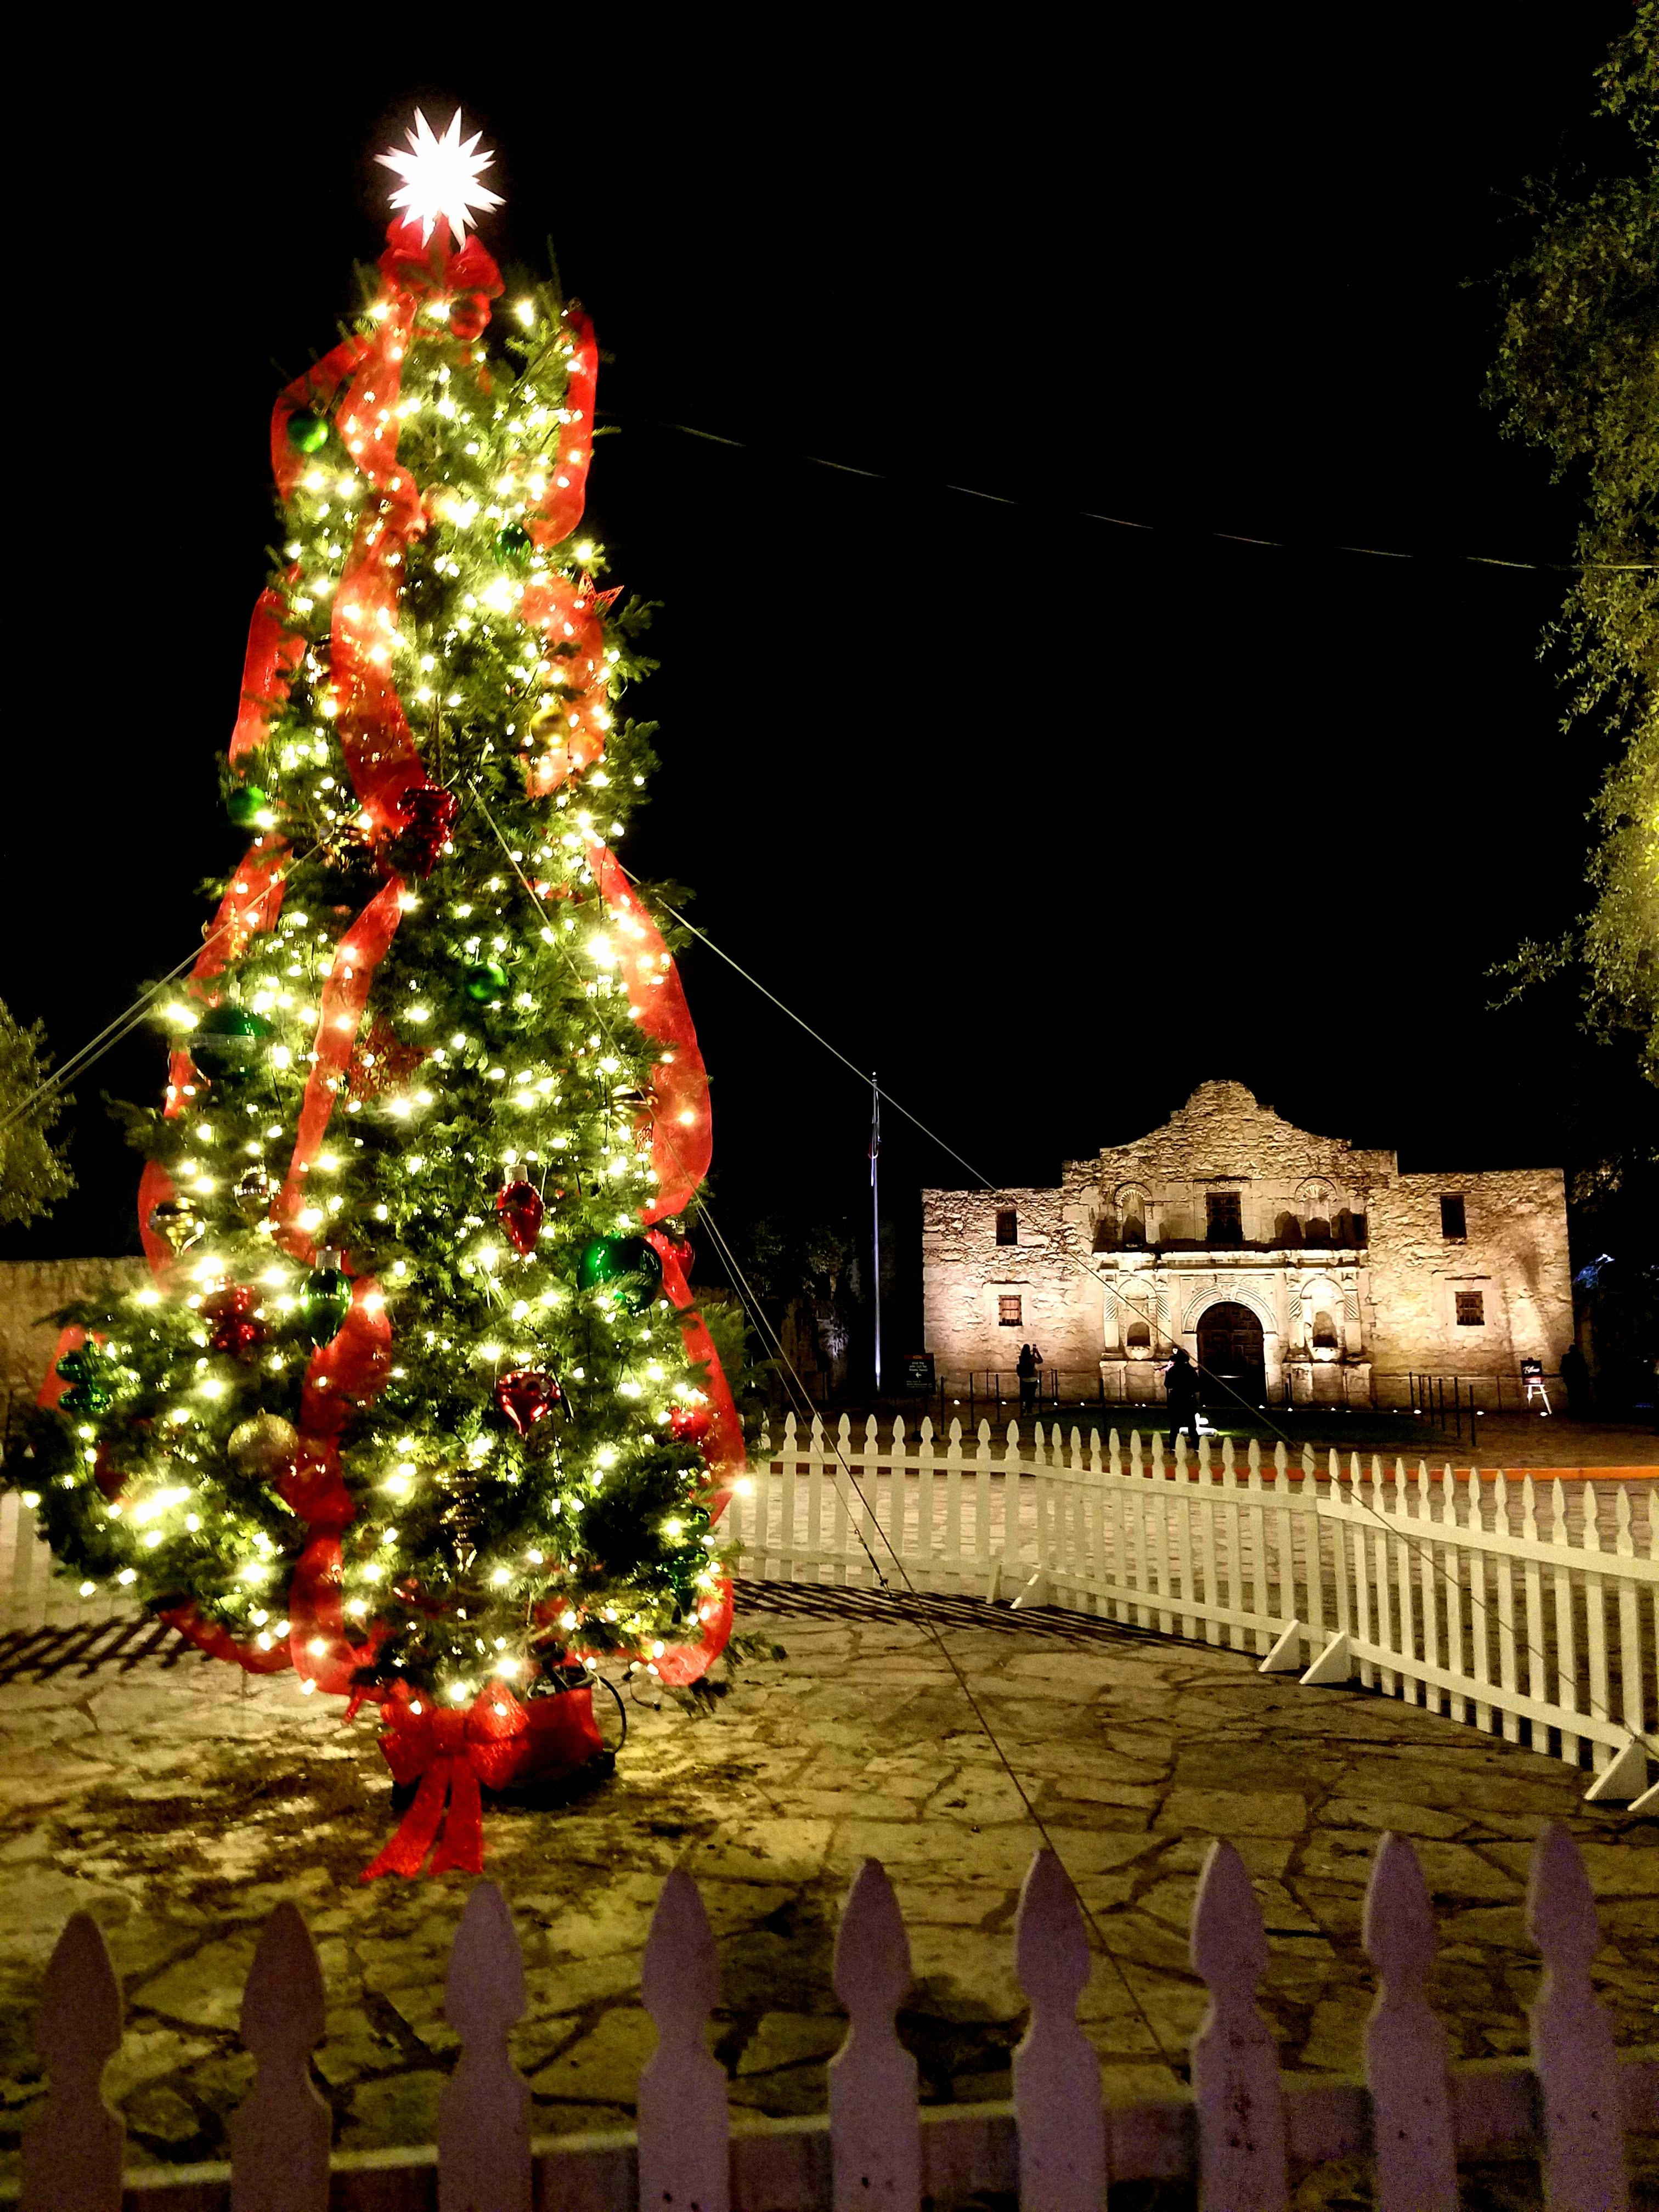 san antonio alamo christmas lights 2017